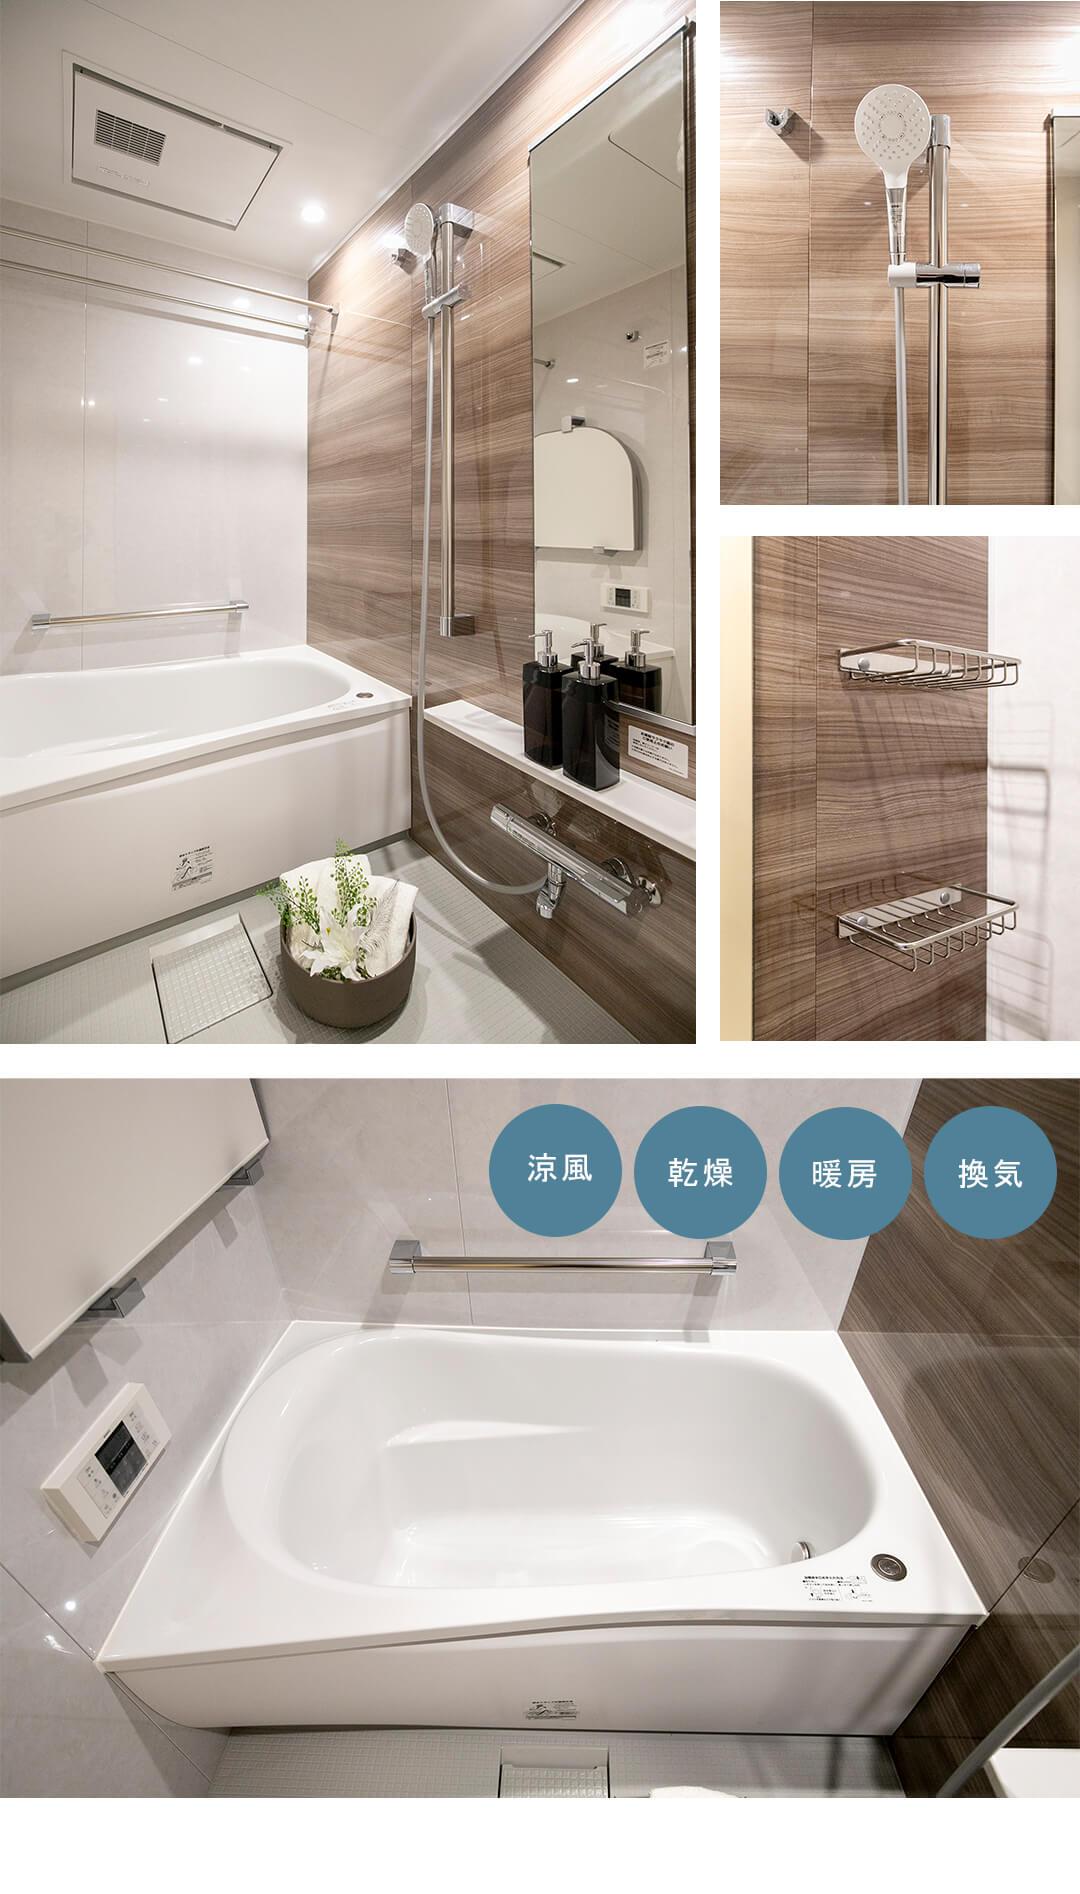 エスナ市ヶ谷の浴室